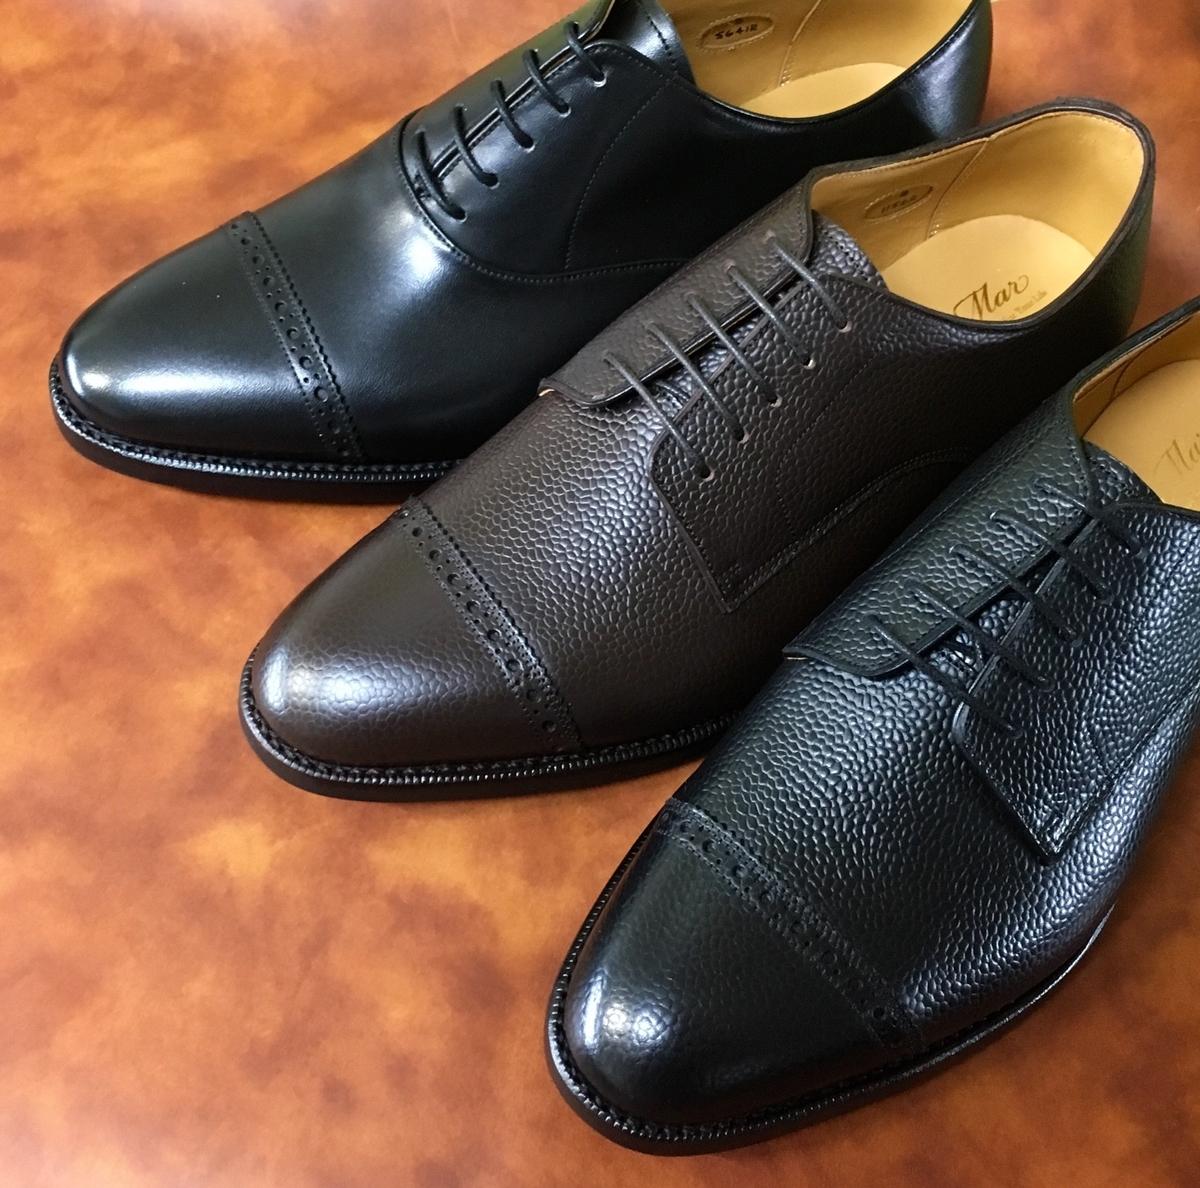 f:id:raymar-shoes:20190716220743j:plain